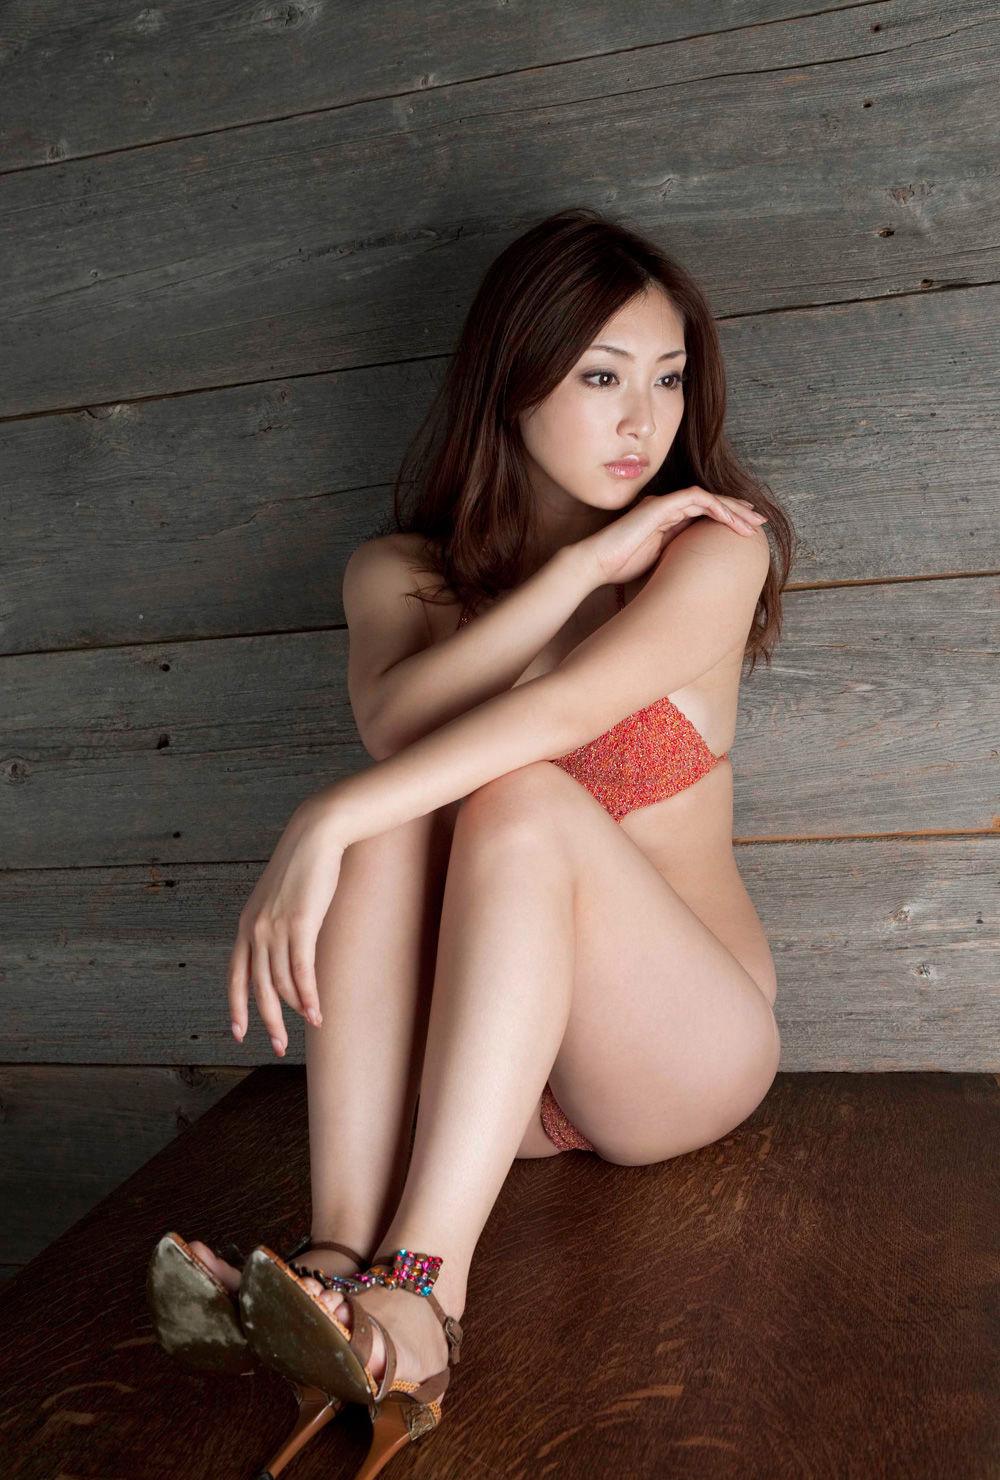 辰巳奈都子 画像 掲示板 61